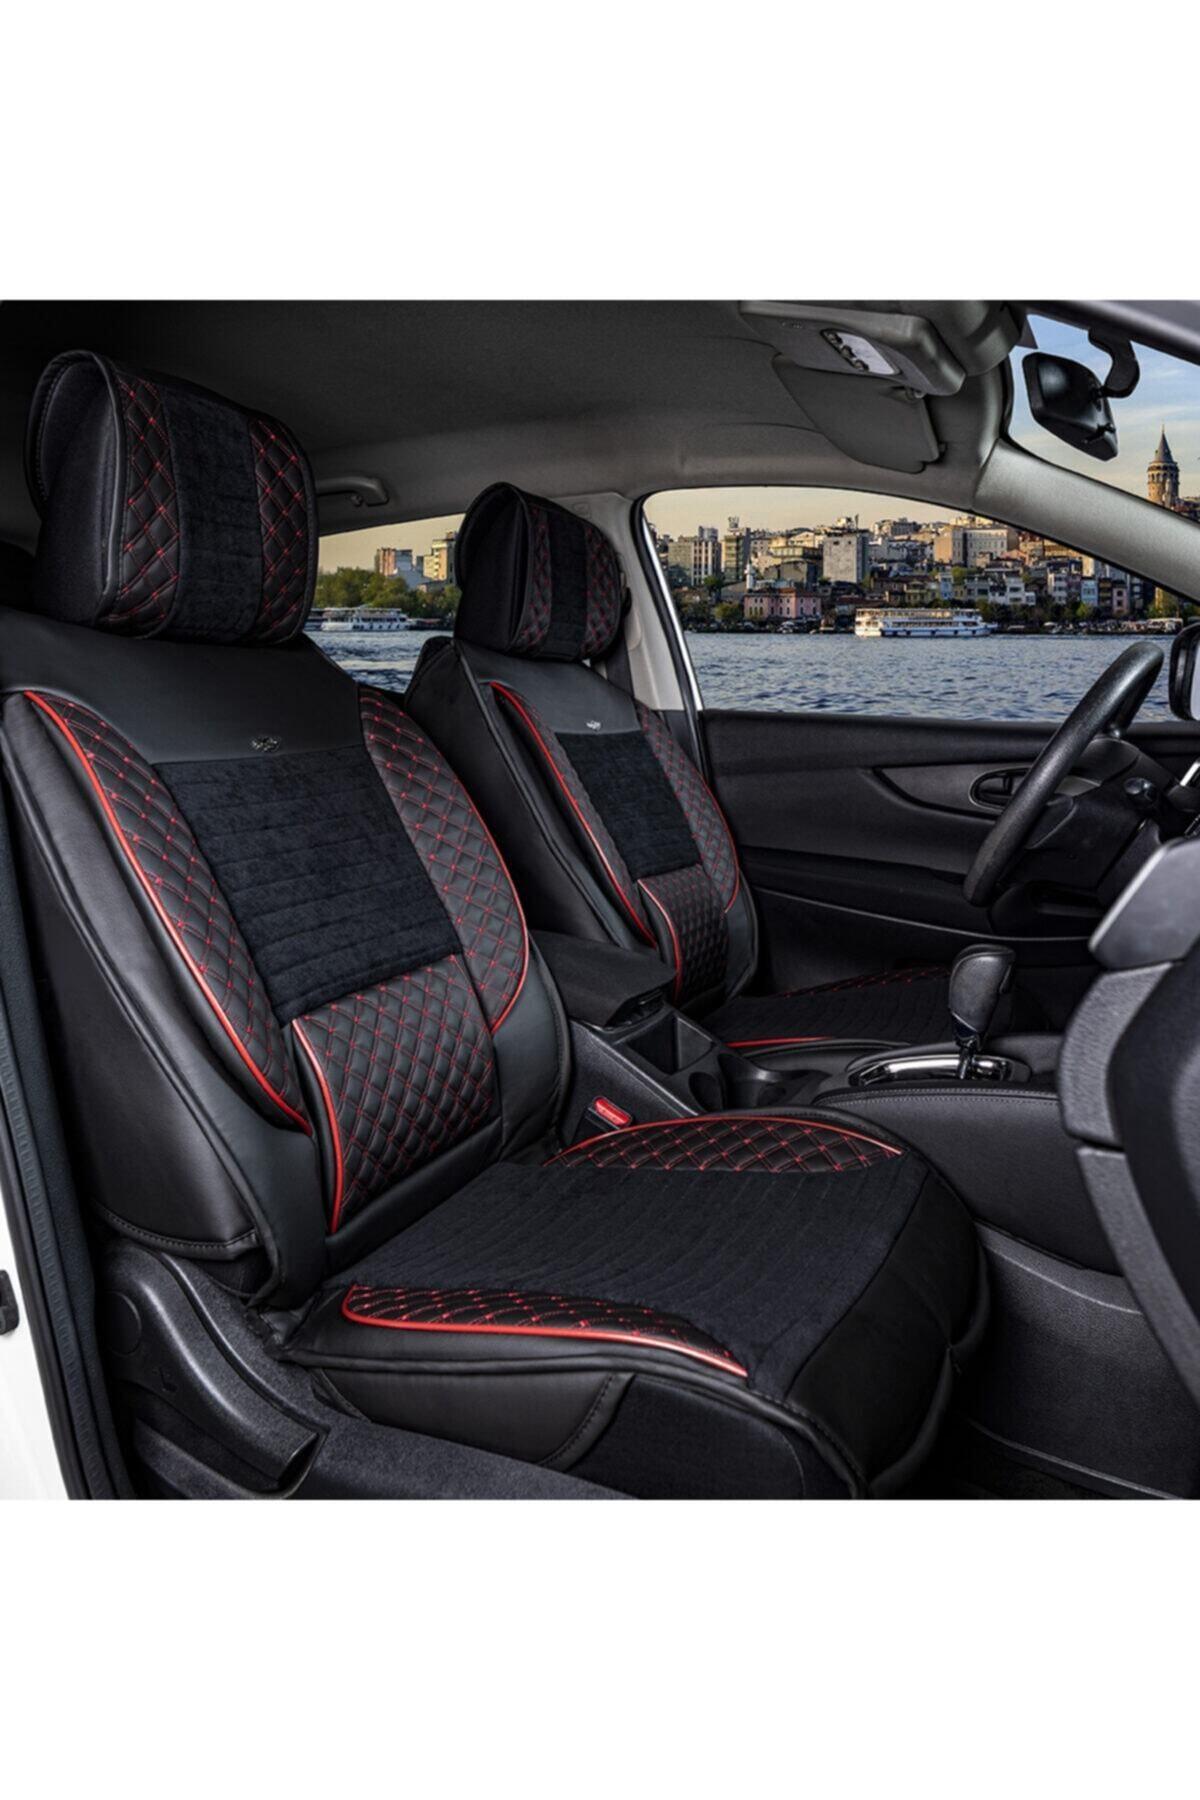 Ford Focus 2 Lüks Deri Oto Koltuk Kılıfı Ön/arka Set Siyah Kırmızı